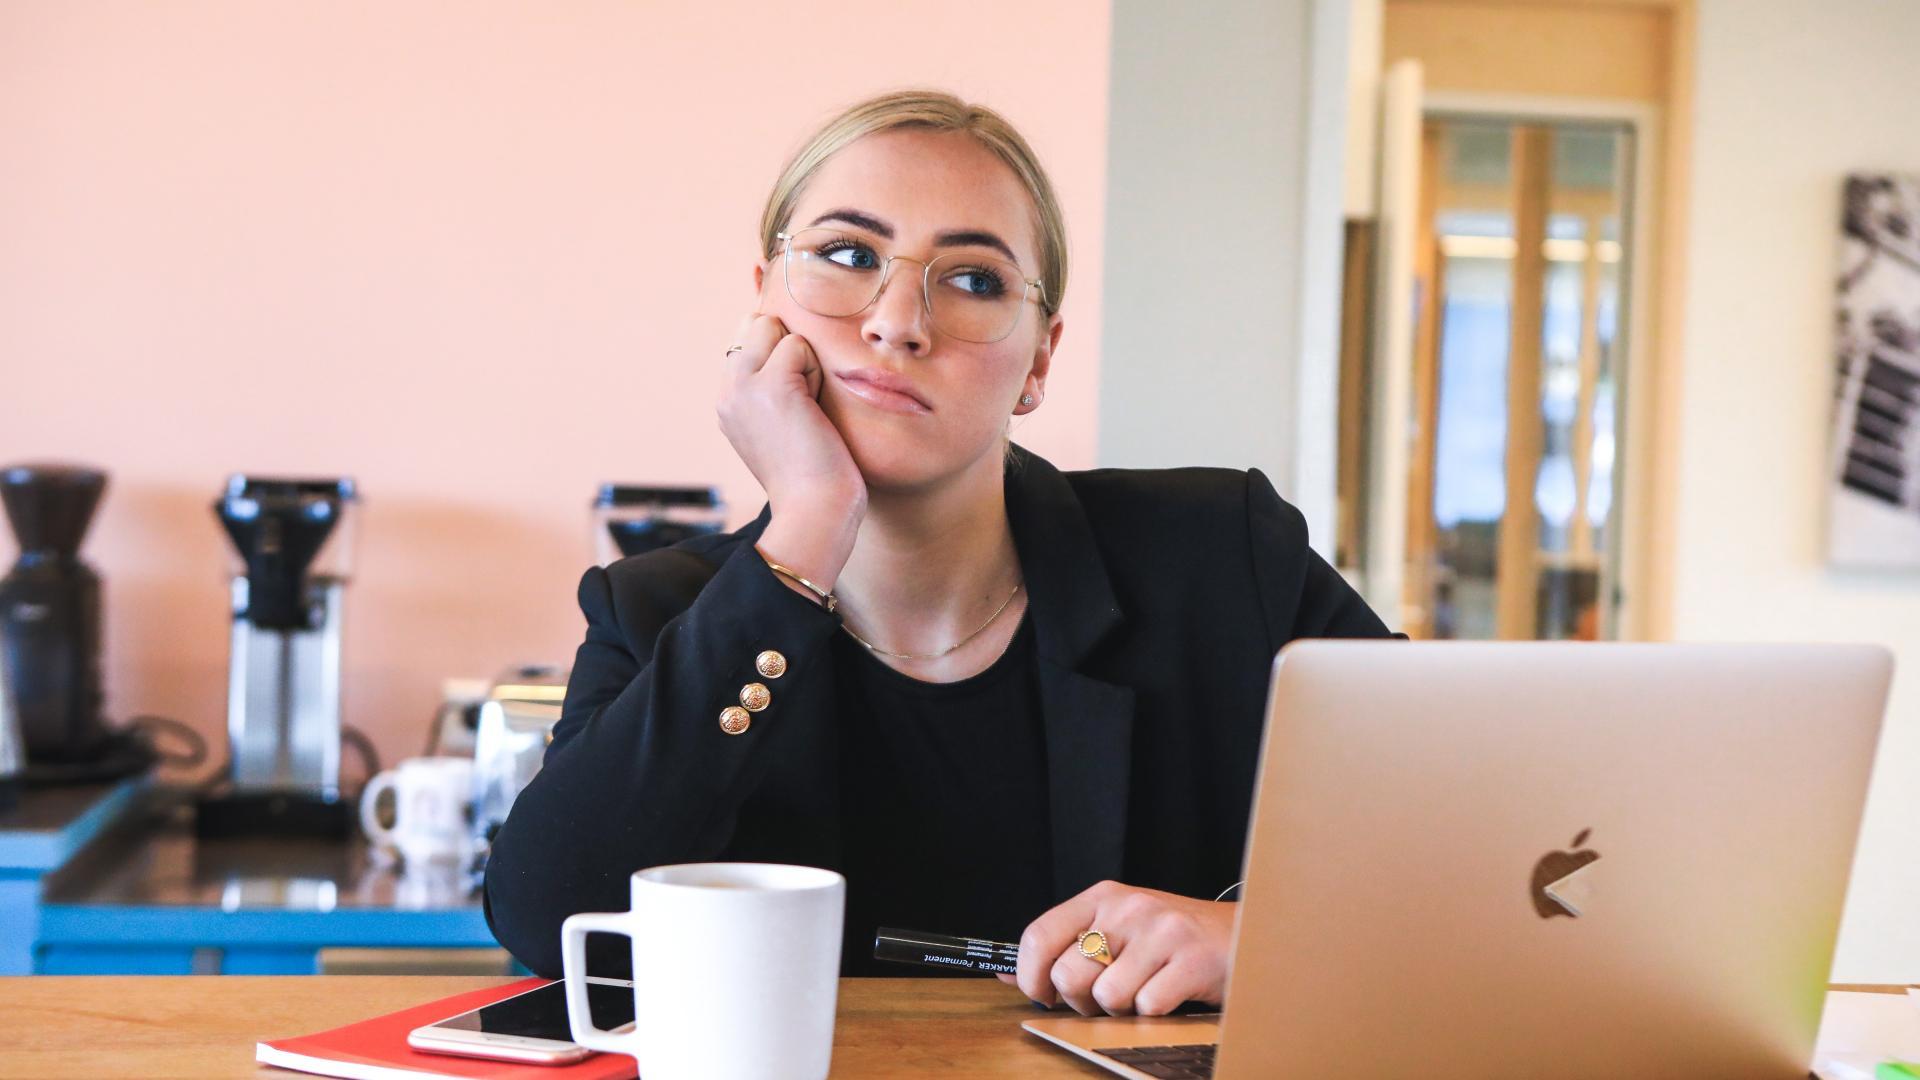 arbeit job frustriert bewerbung